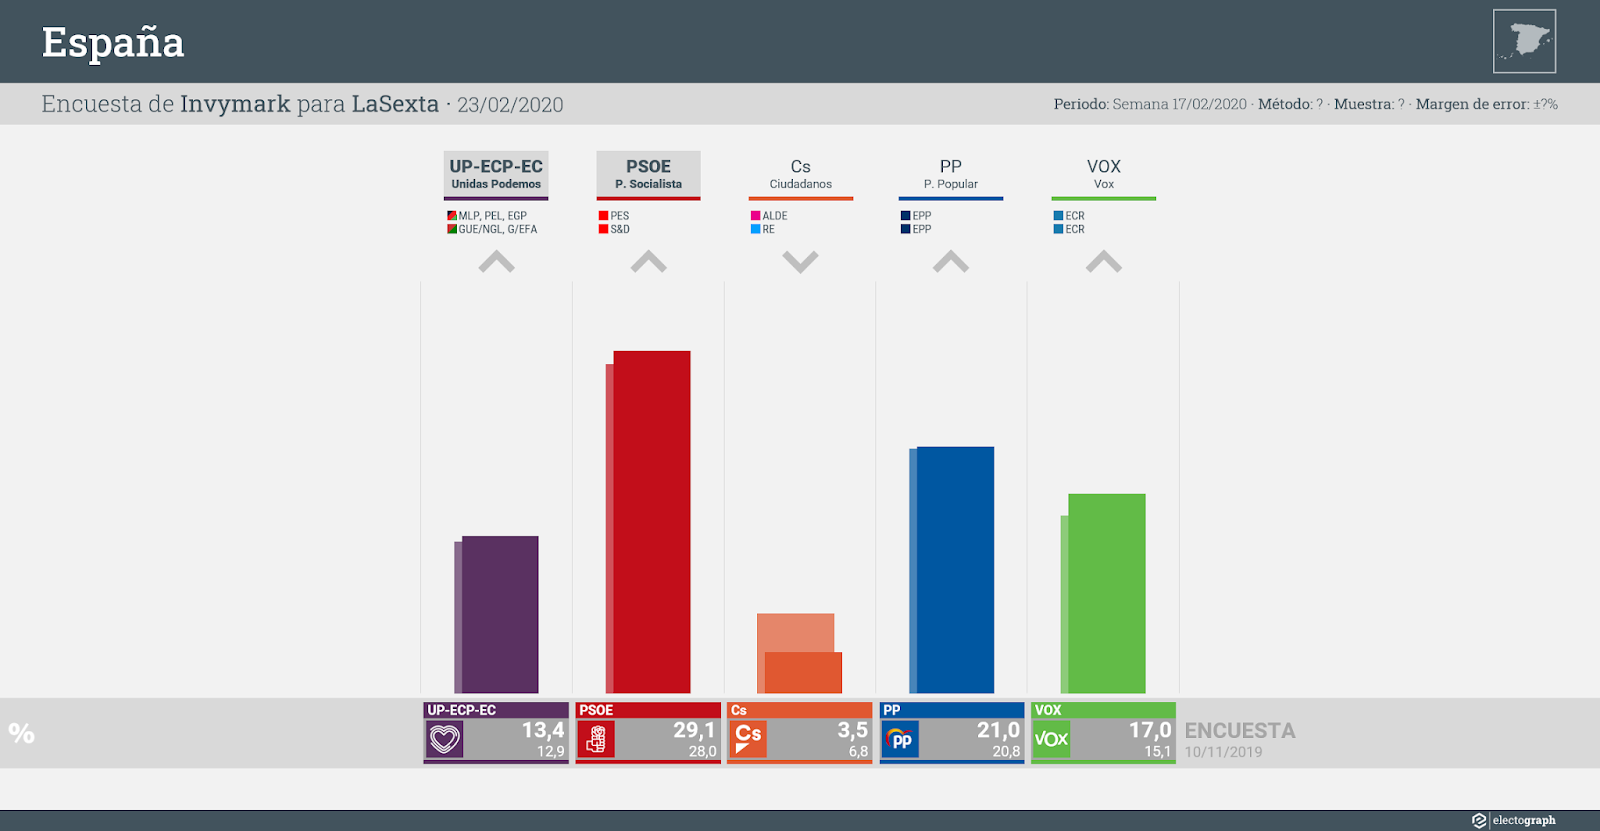 Gráfico de la encuesta para elecciones generales en España realizada por Invymark para LaSexta, 17 de febrero de 2020